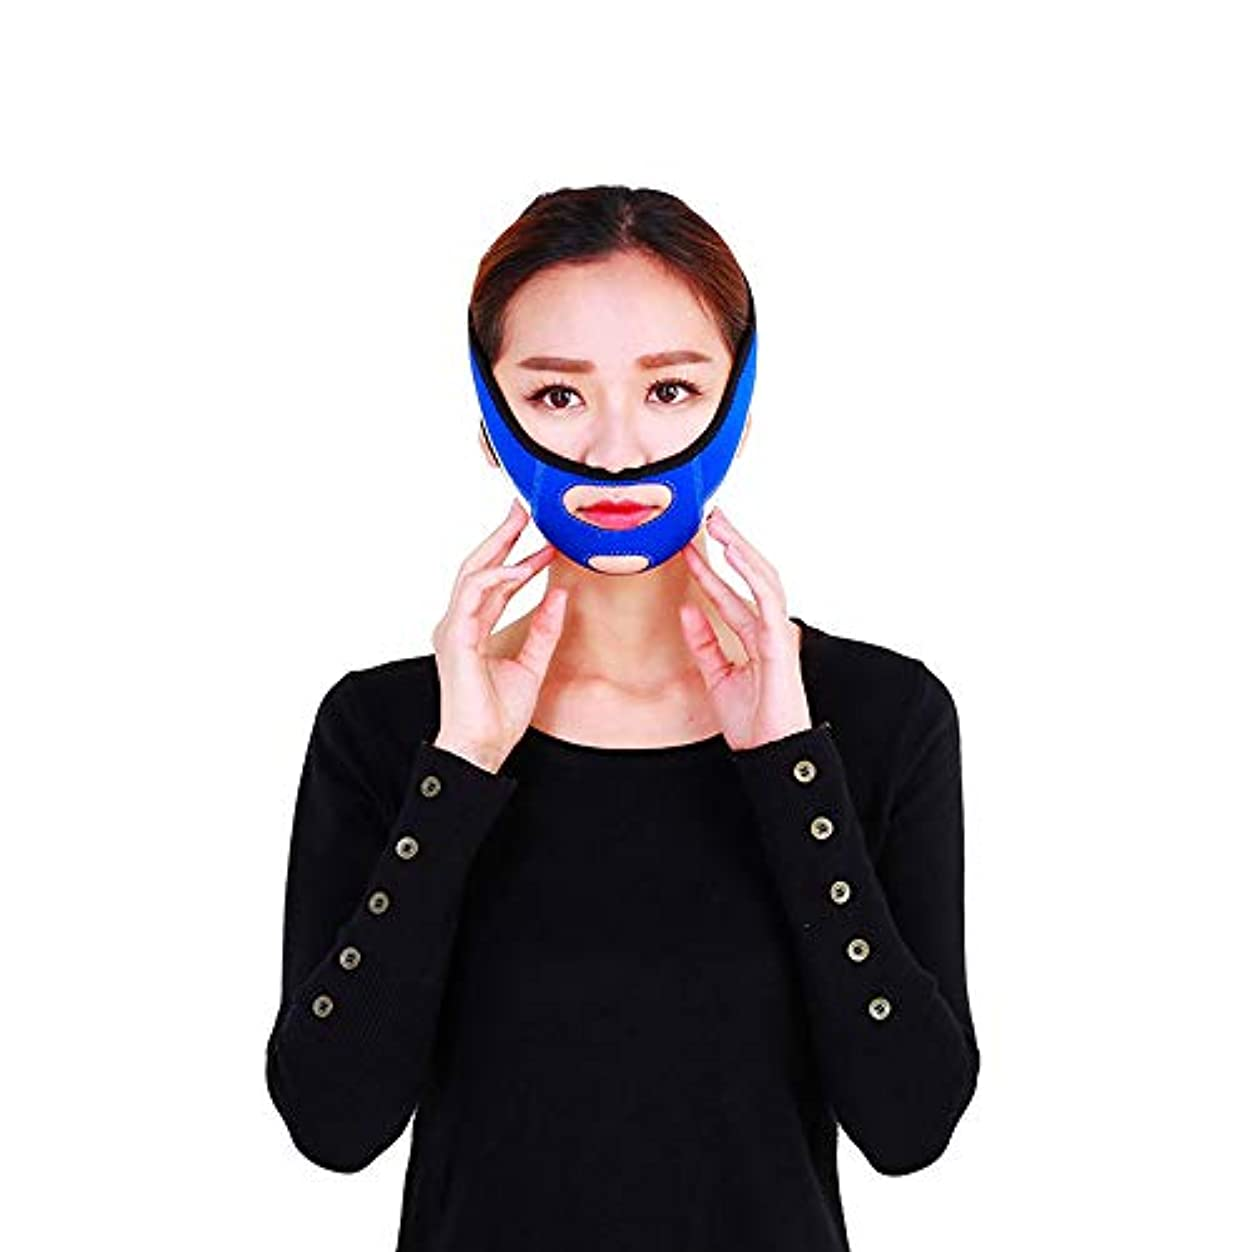 アグネスグレイ先に向かってフェイスリフトベルト 顔を持ち上げるベルト - 顔を持ち上げる包帯は、上顎顔面修正ツールを強力に強化し、顔面マスクのV字形の人工物